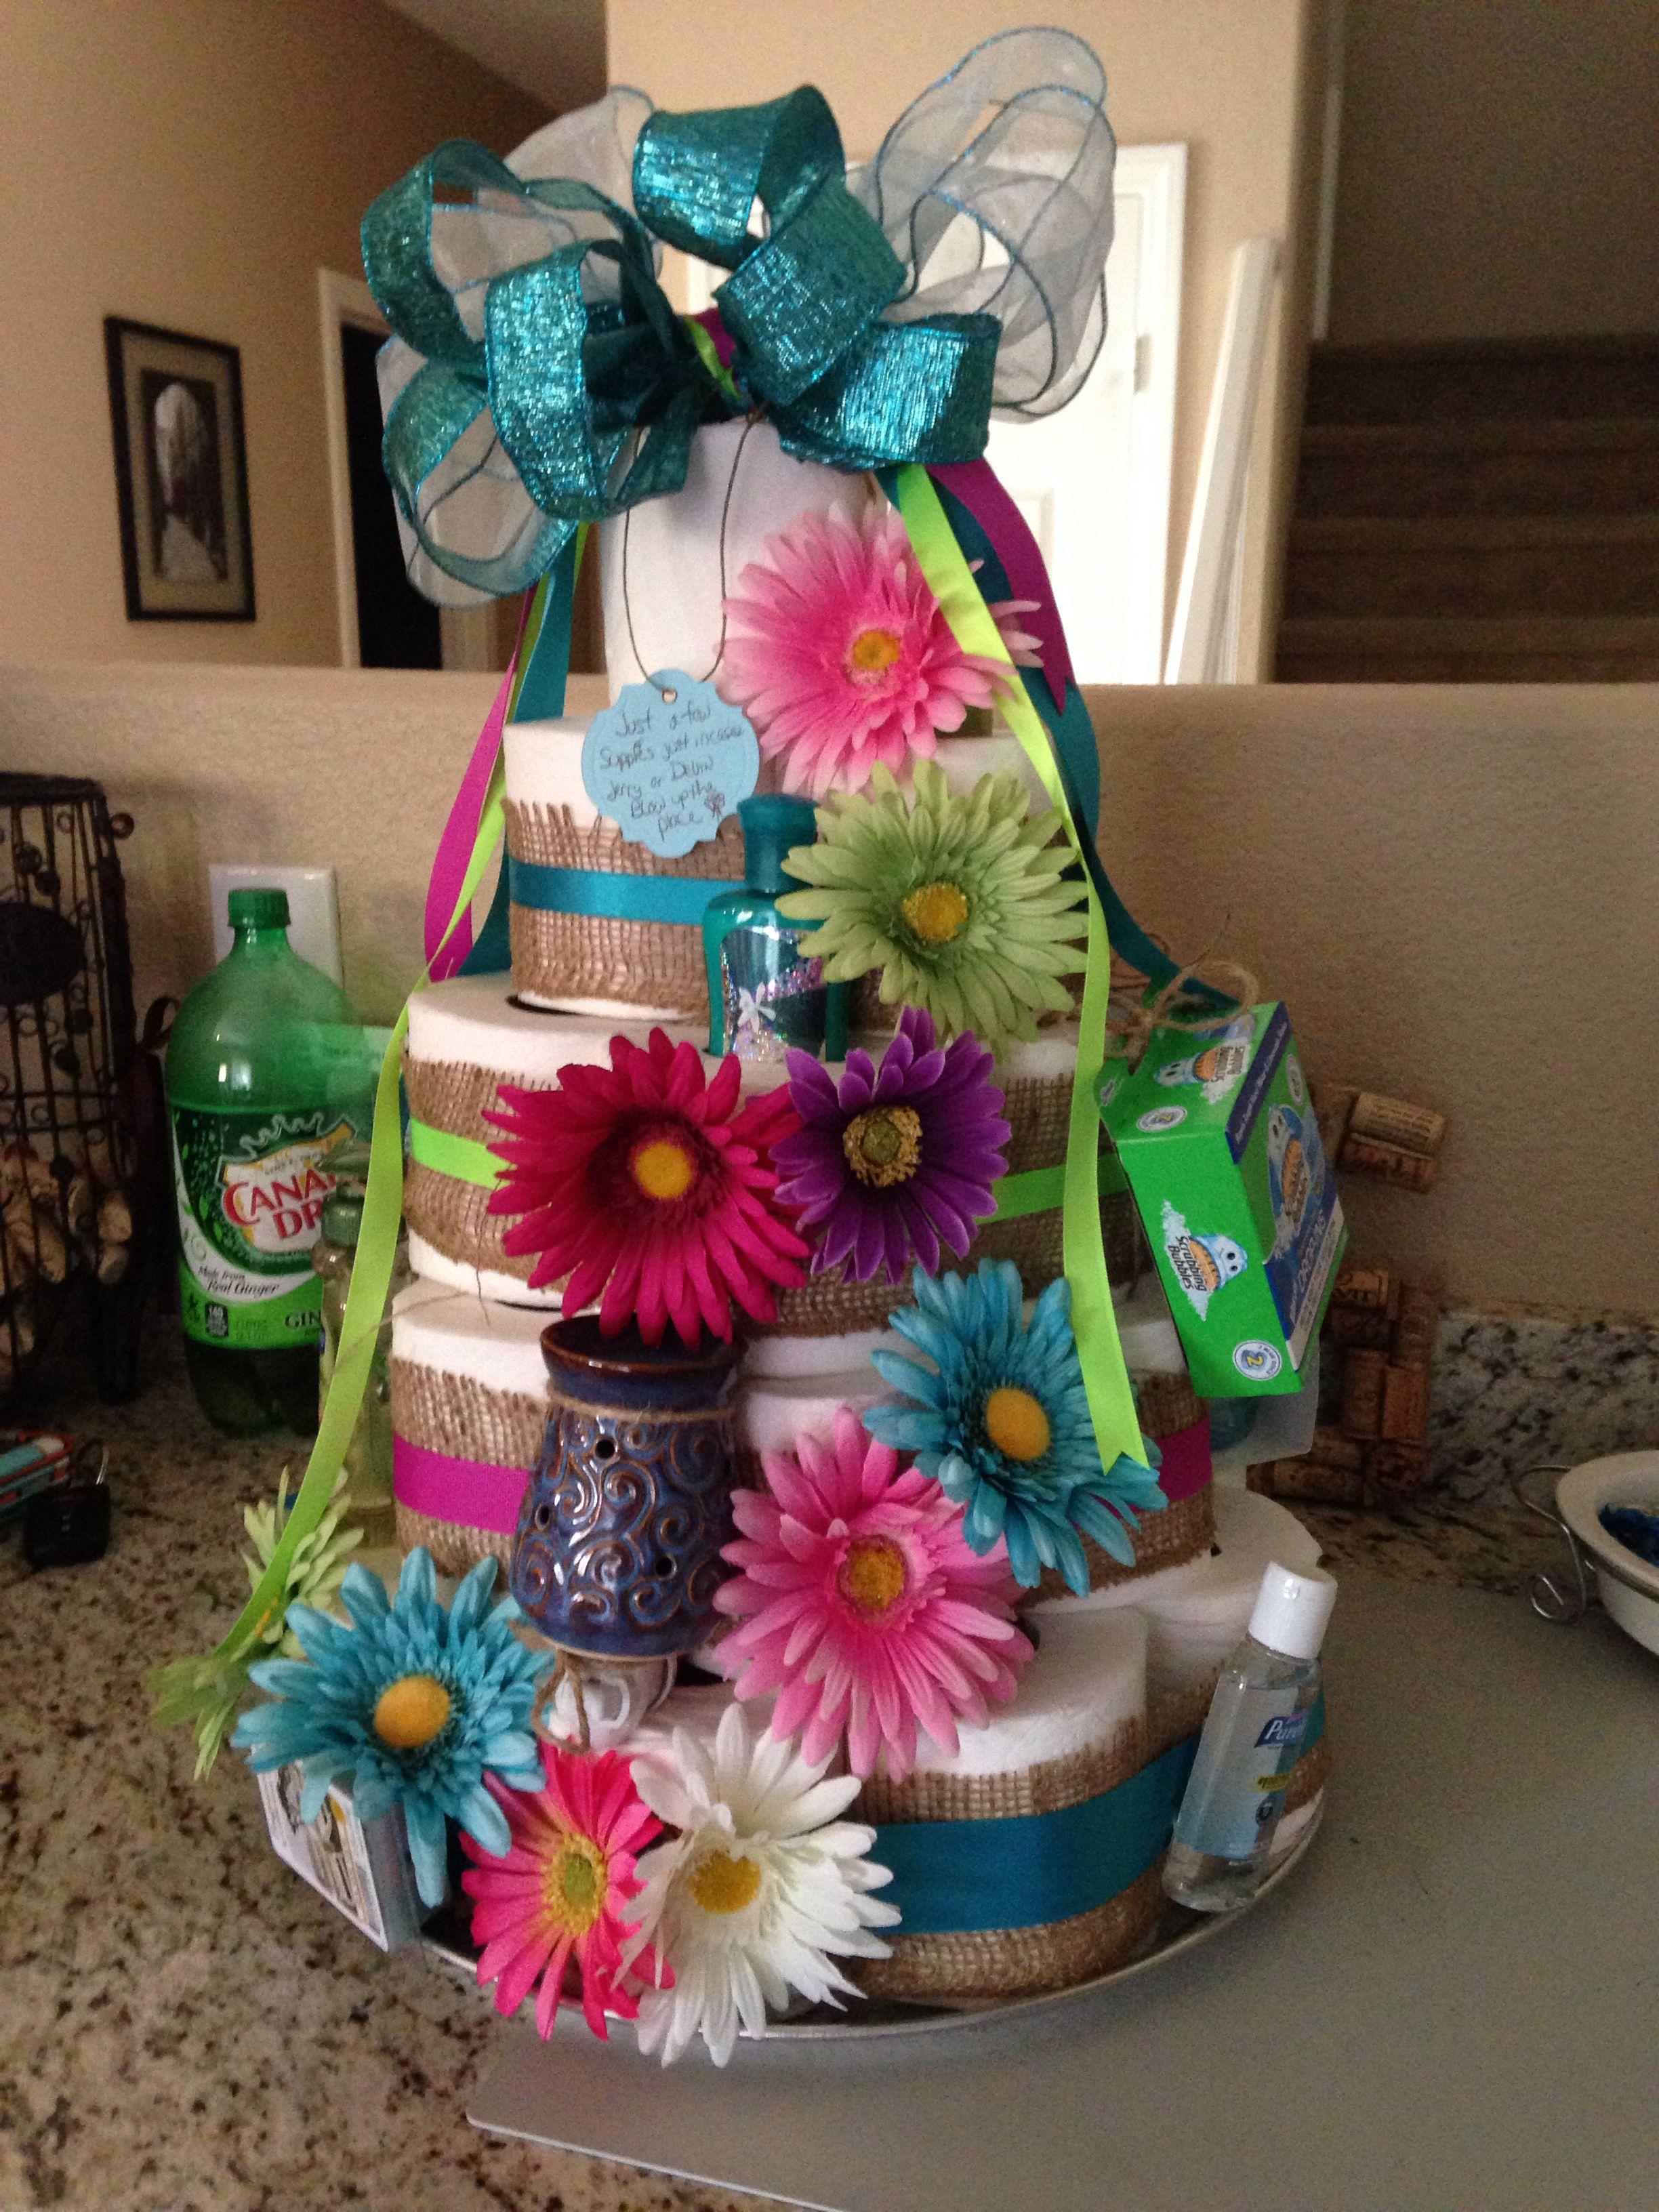 Housewarming Toilet Paper Cake Housewarming Gifts